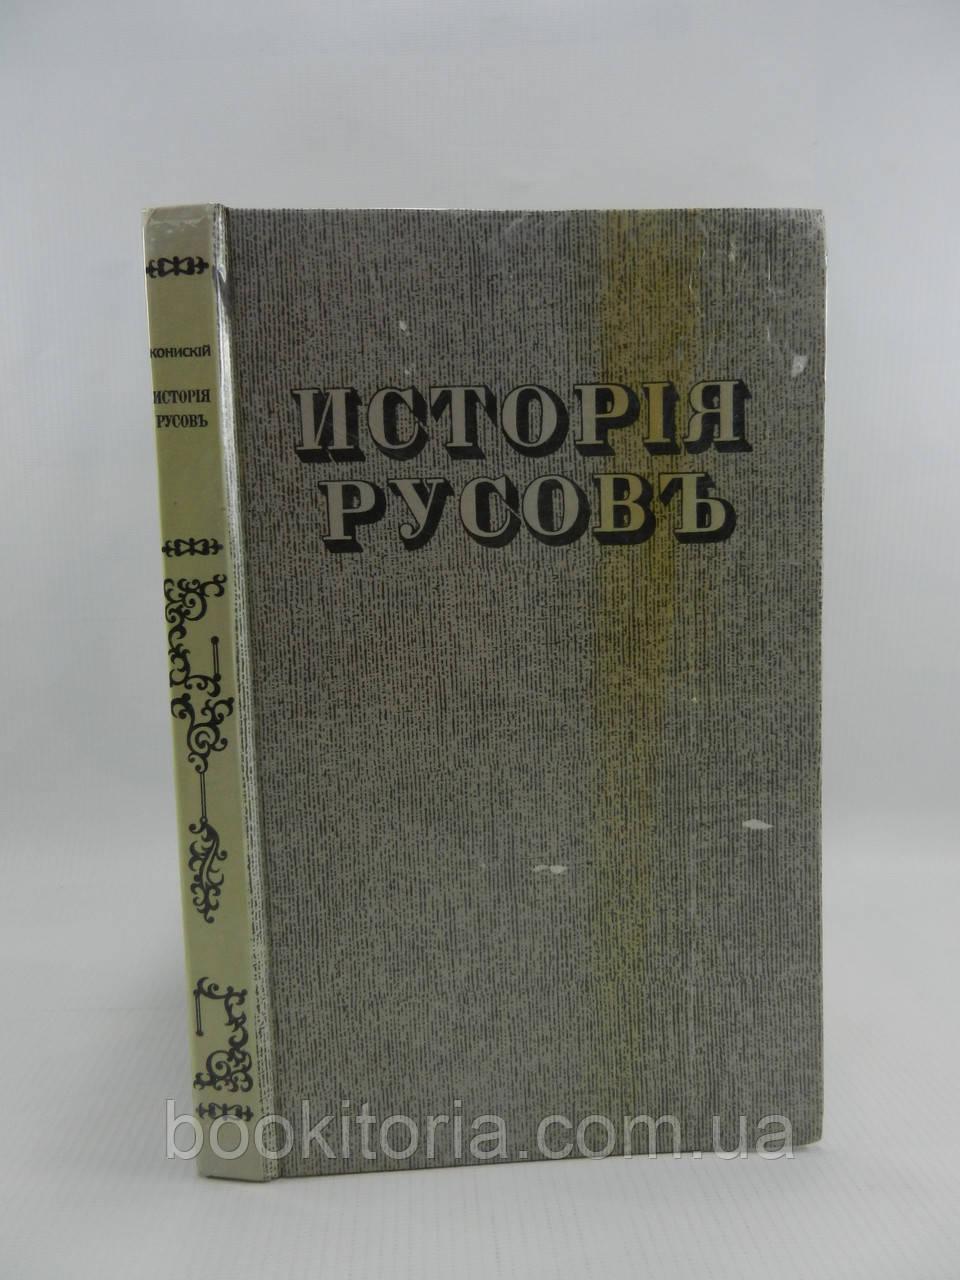 Кониский Г. История русов, или Малой России (б/у).